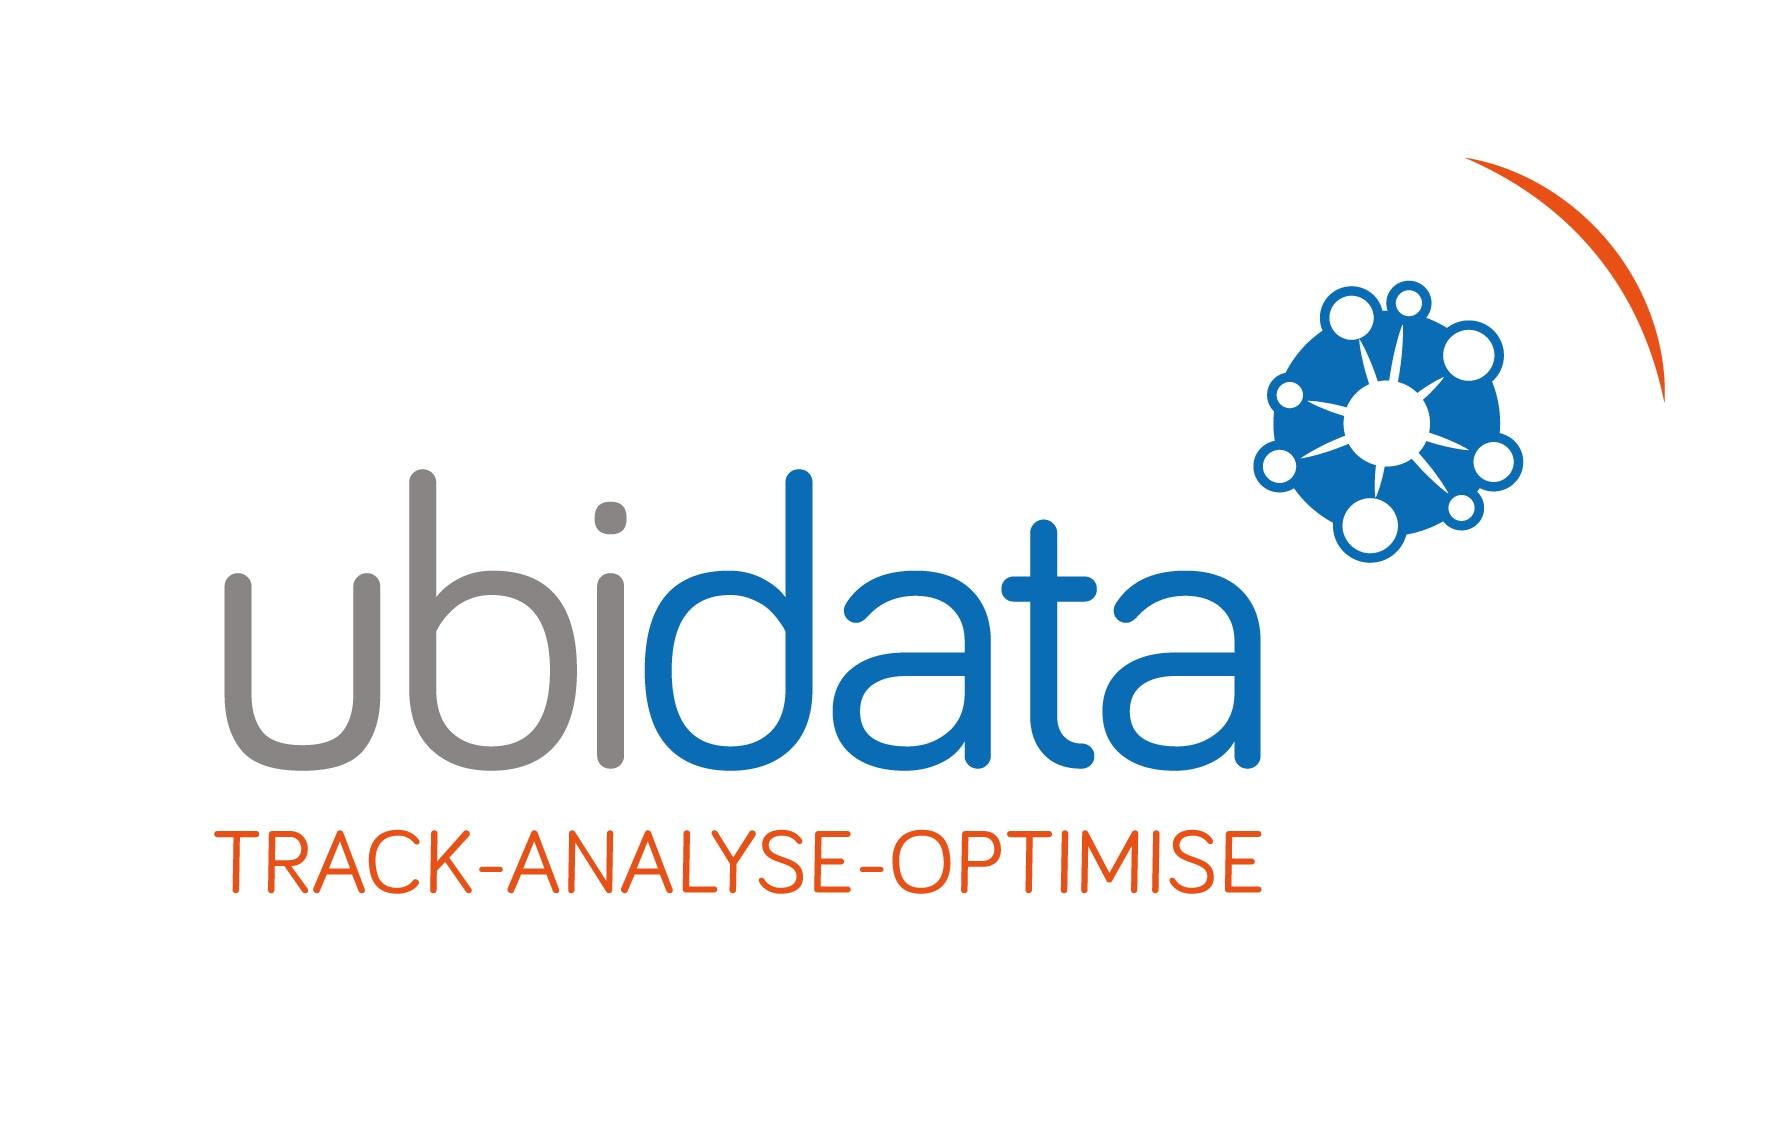 Ubidata – Track-Analyse-Optimise